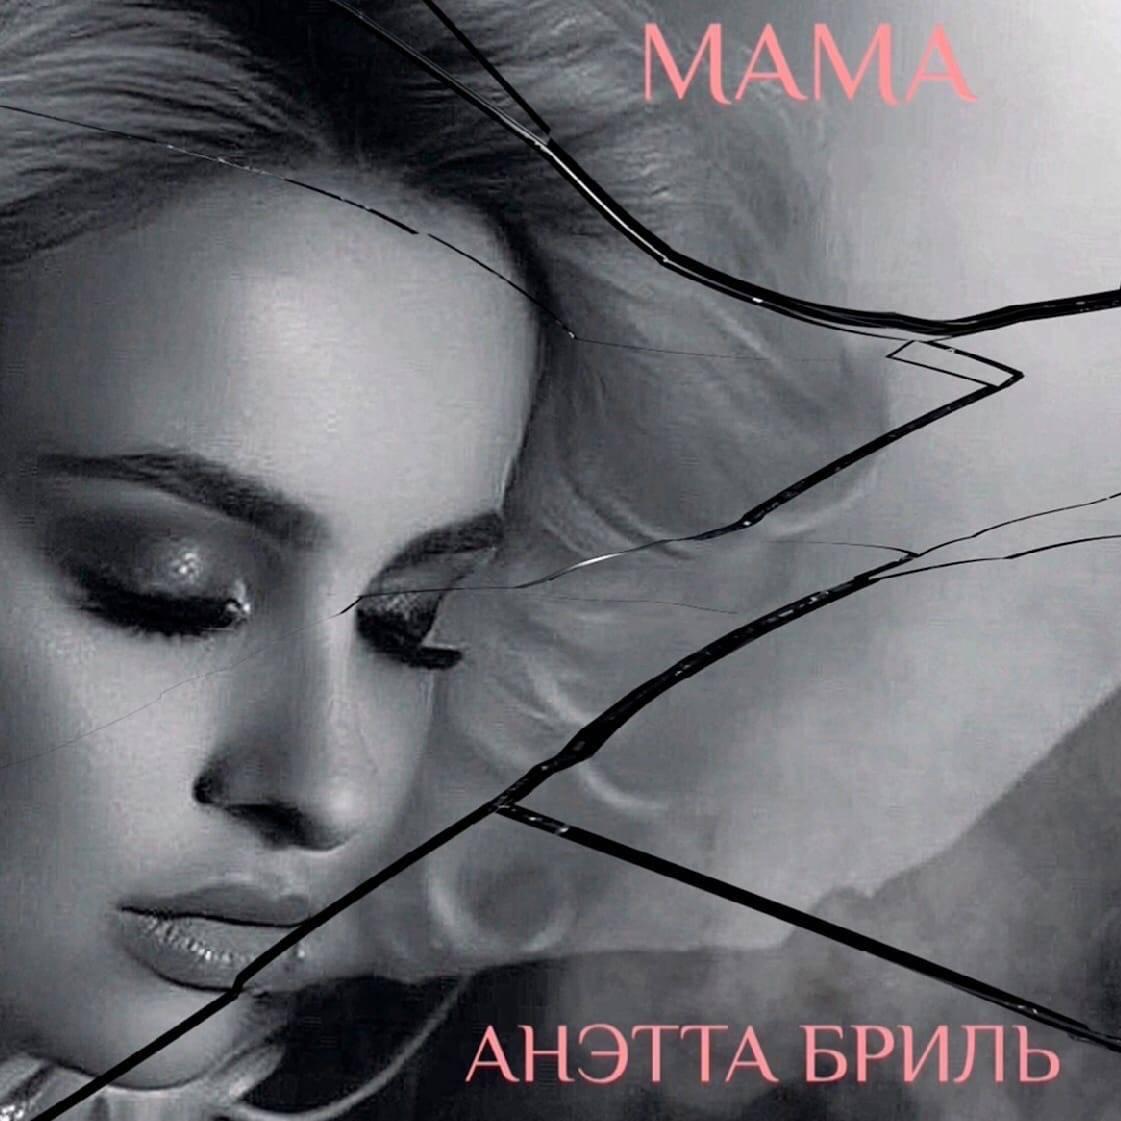 Вышла песня исповедь Анэтты Бриль - посвящение Валентине Легкоступовой